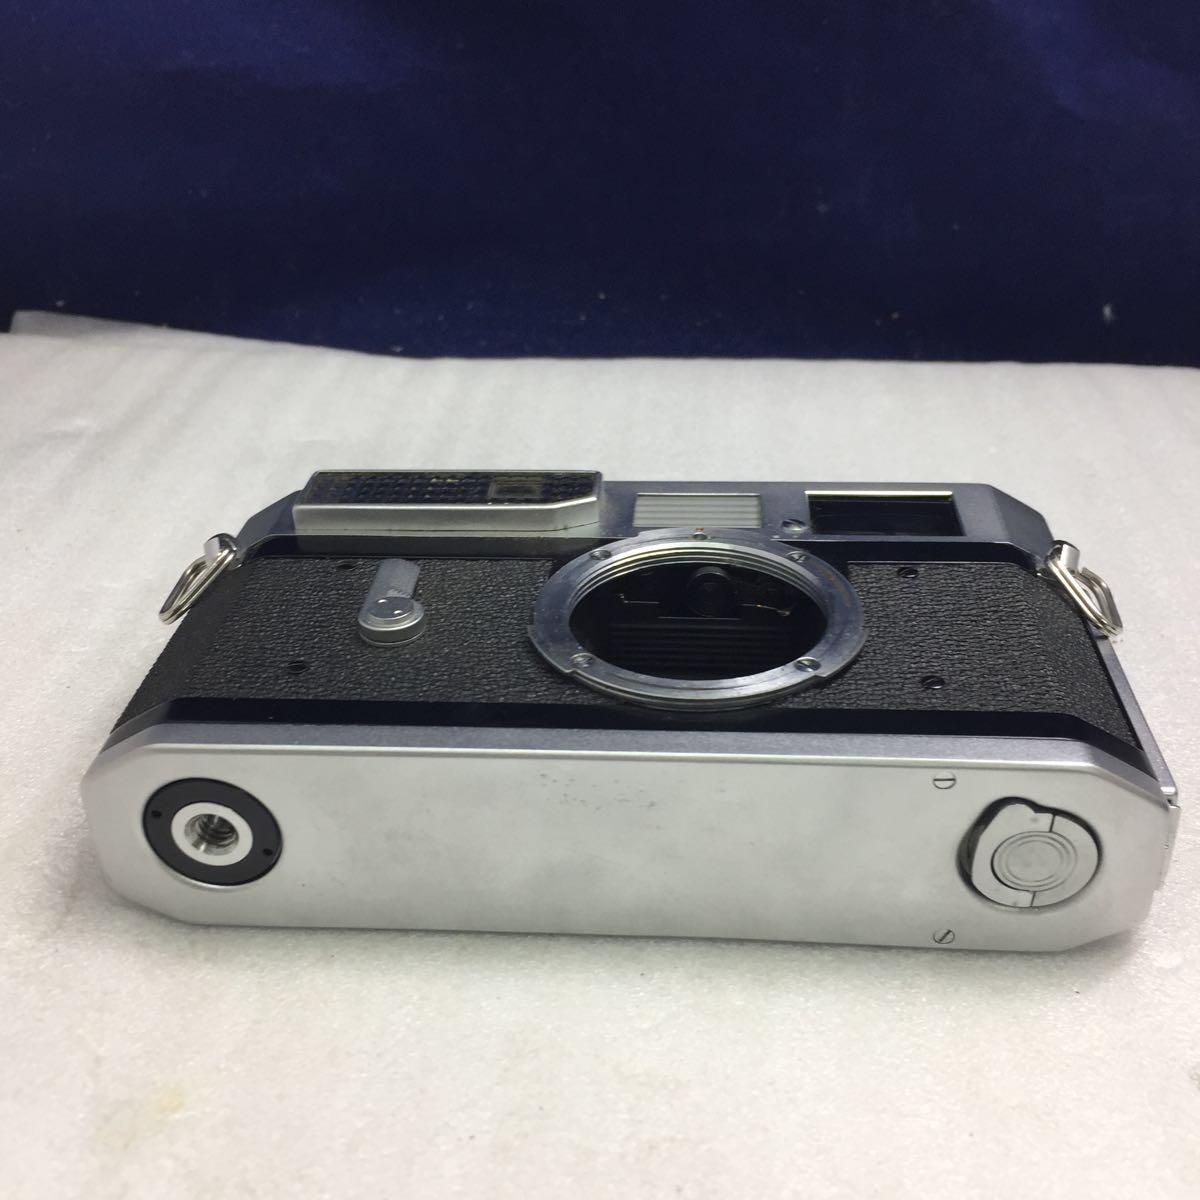 Canon レンジファインダーカメラ Canon 7 レンズ 50mm F0.95 btbt-t_画像9